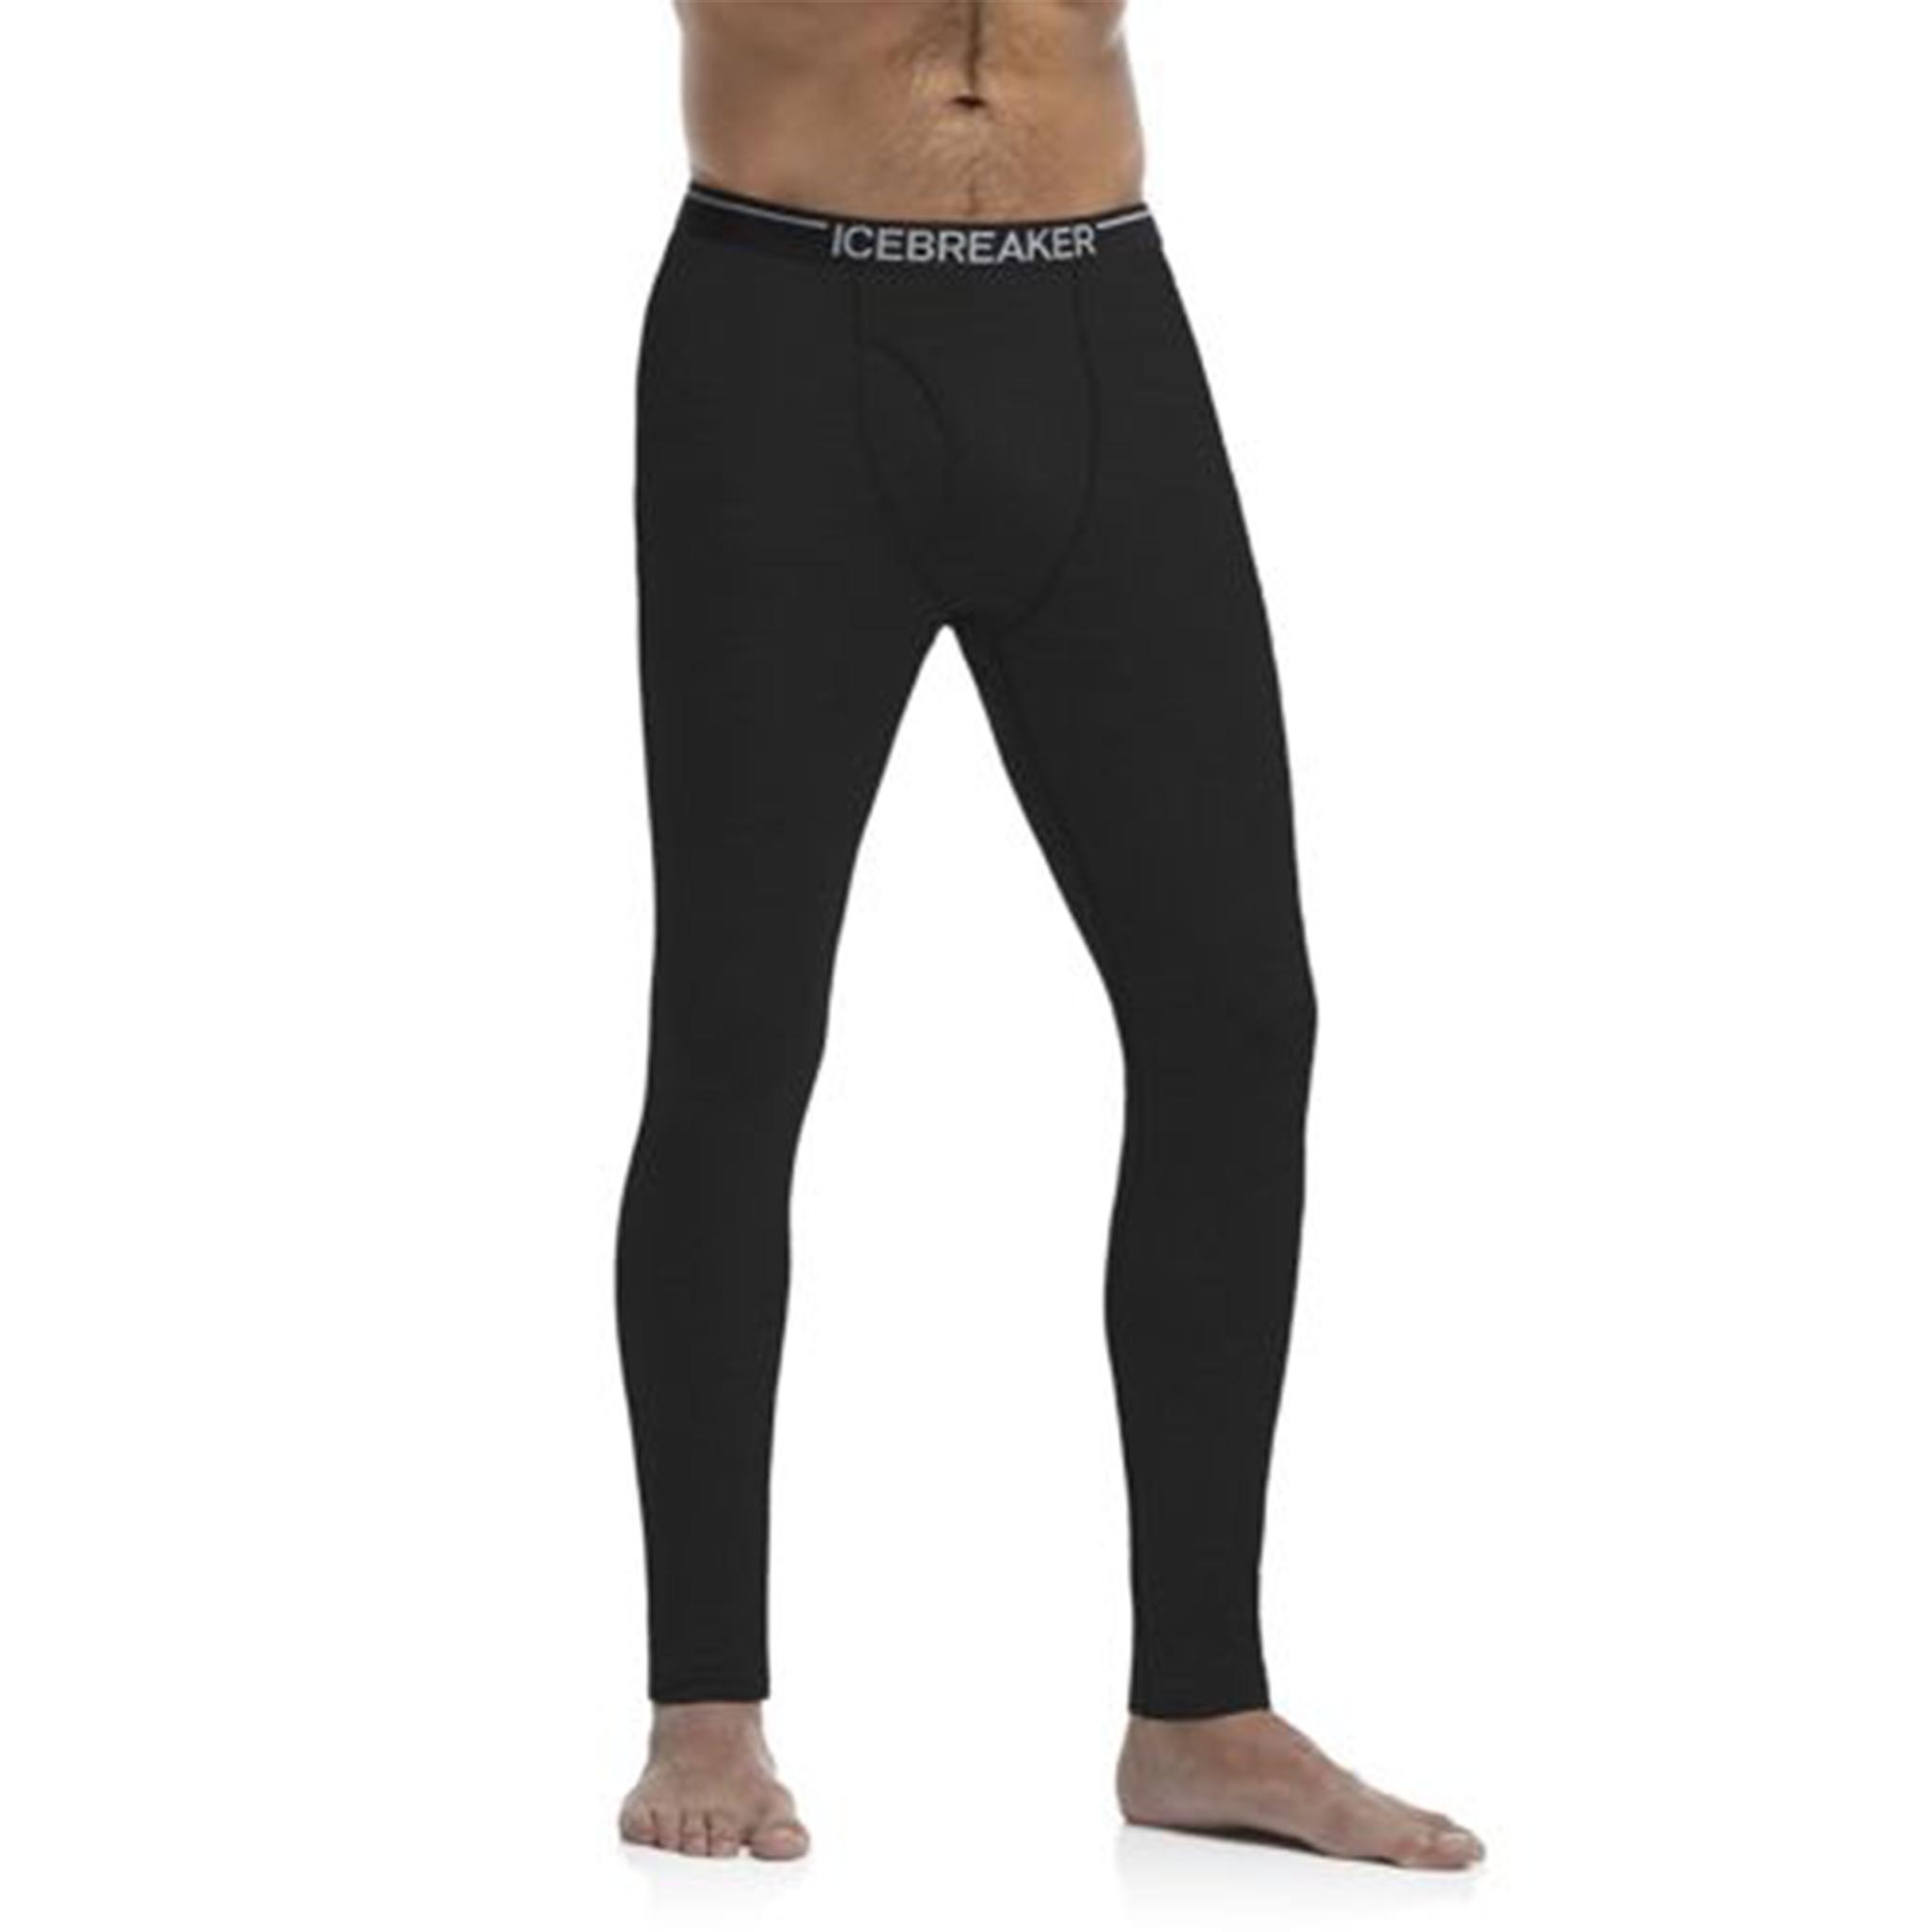 Icebreaker Merino Clothing Inc Icebreaker Mens Oasis Leggings w/ Fly Black Small